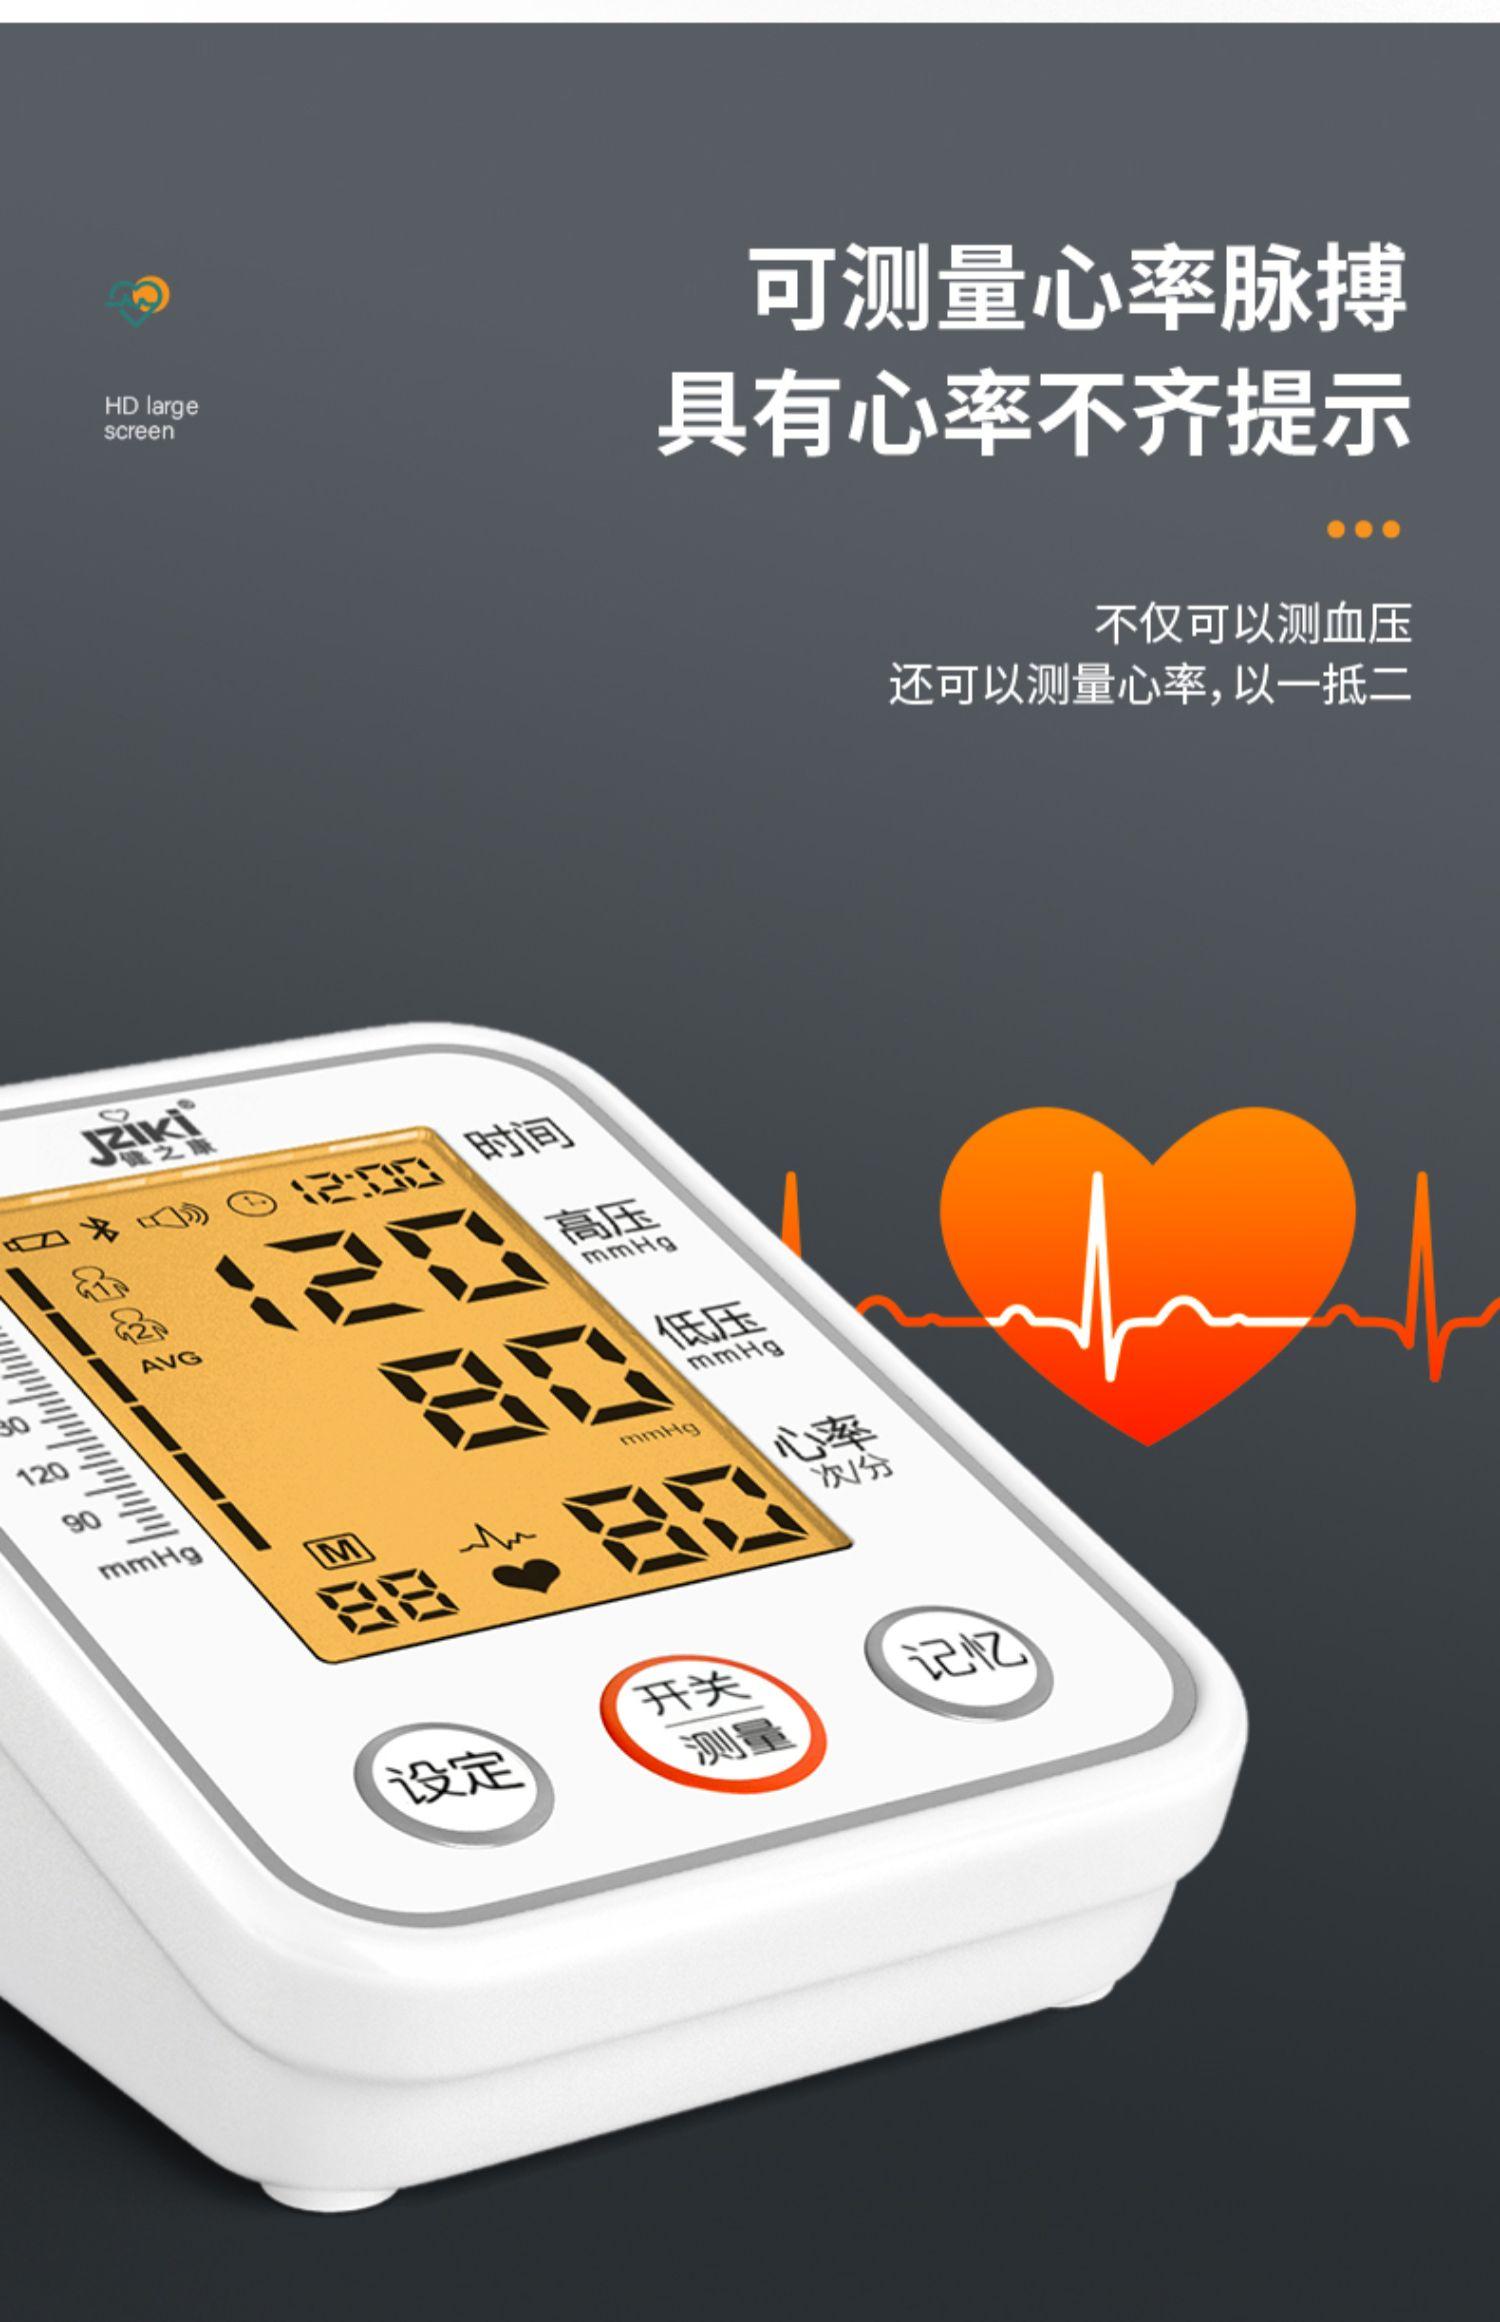 【健之康】智能语音血压计